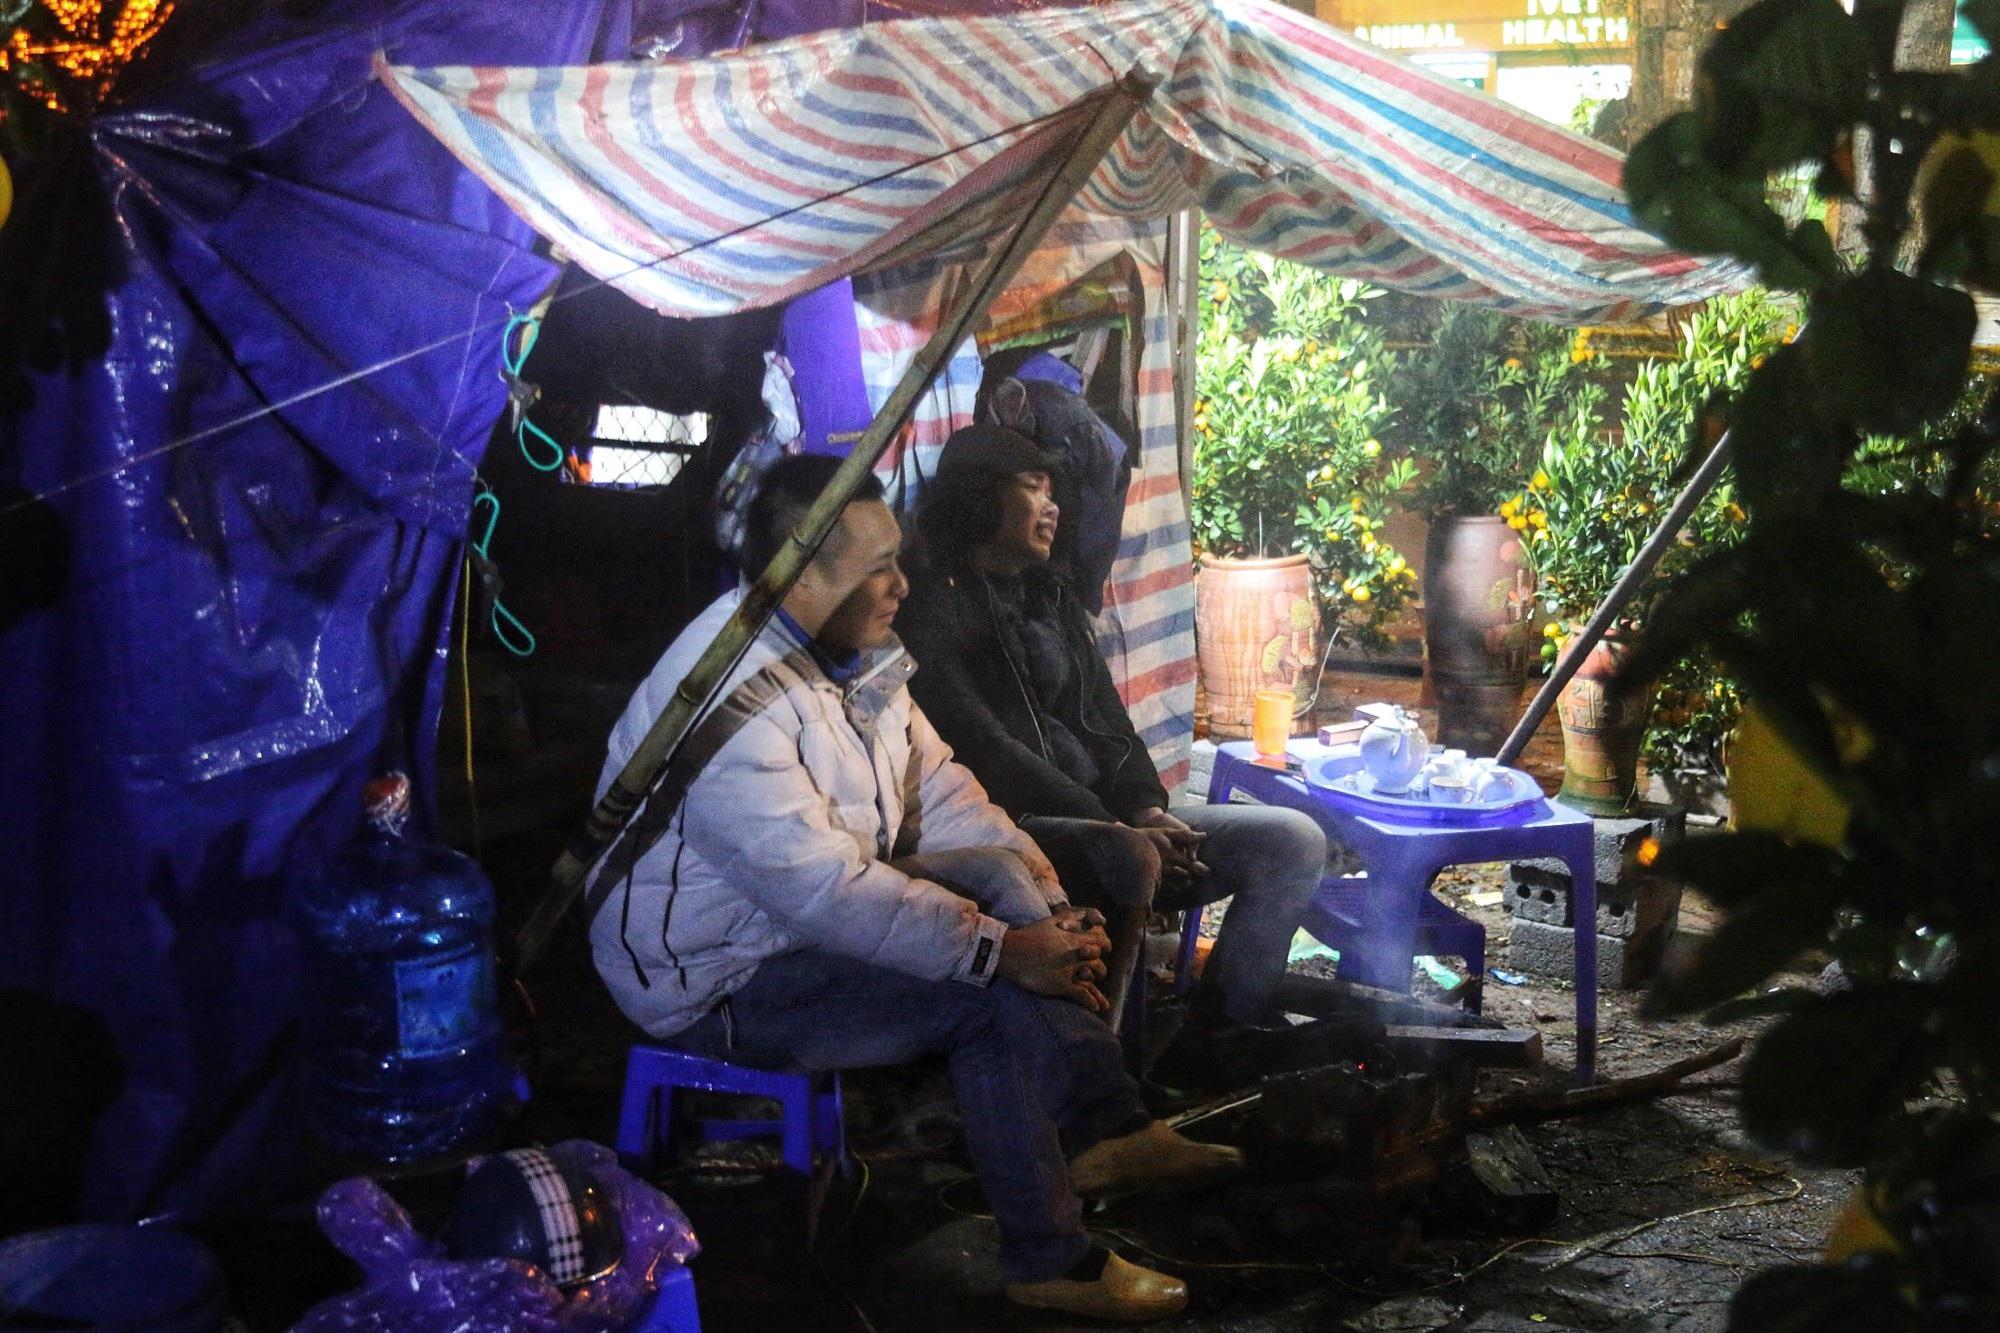 Lo mất trộm, người Hà Nội dựng lều đốt lửa trông đào xuyên đêm - Ảnh 6.